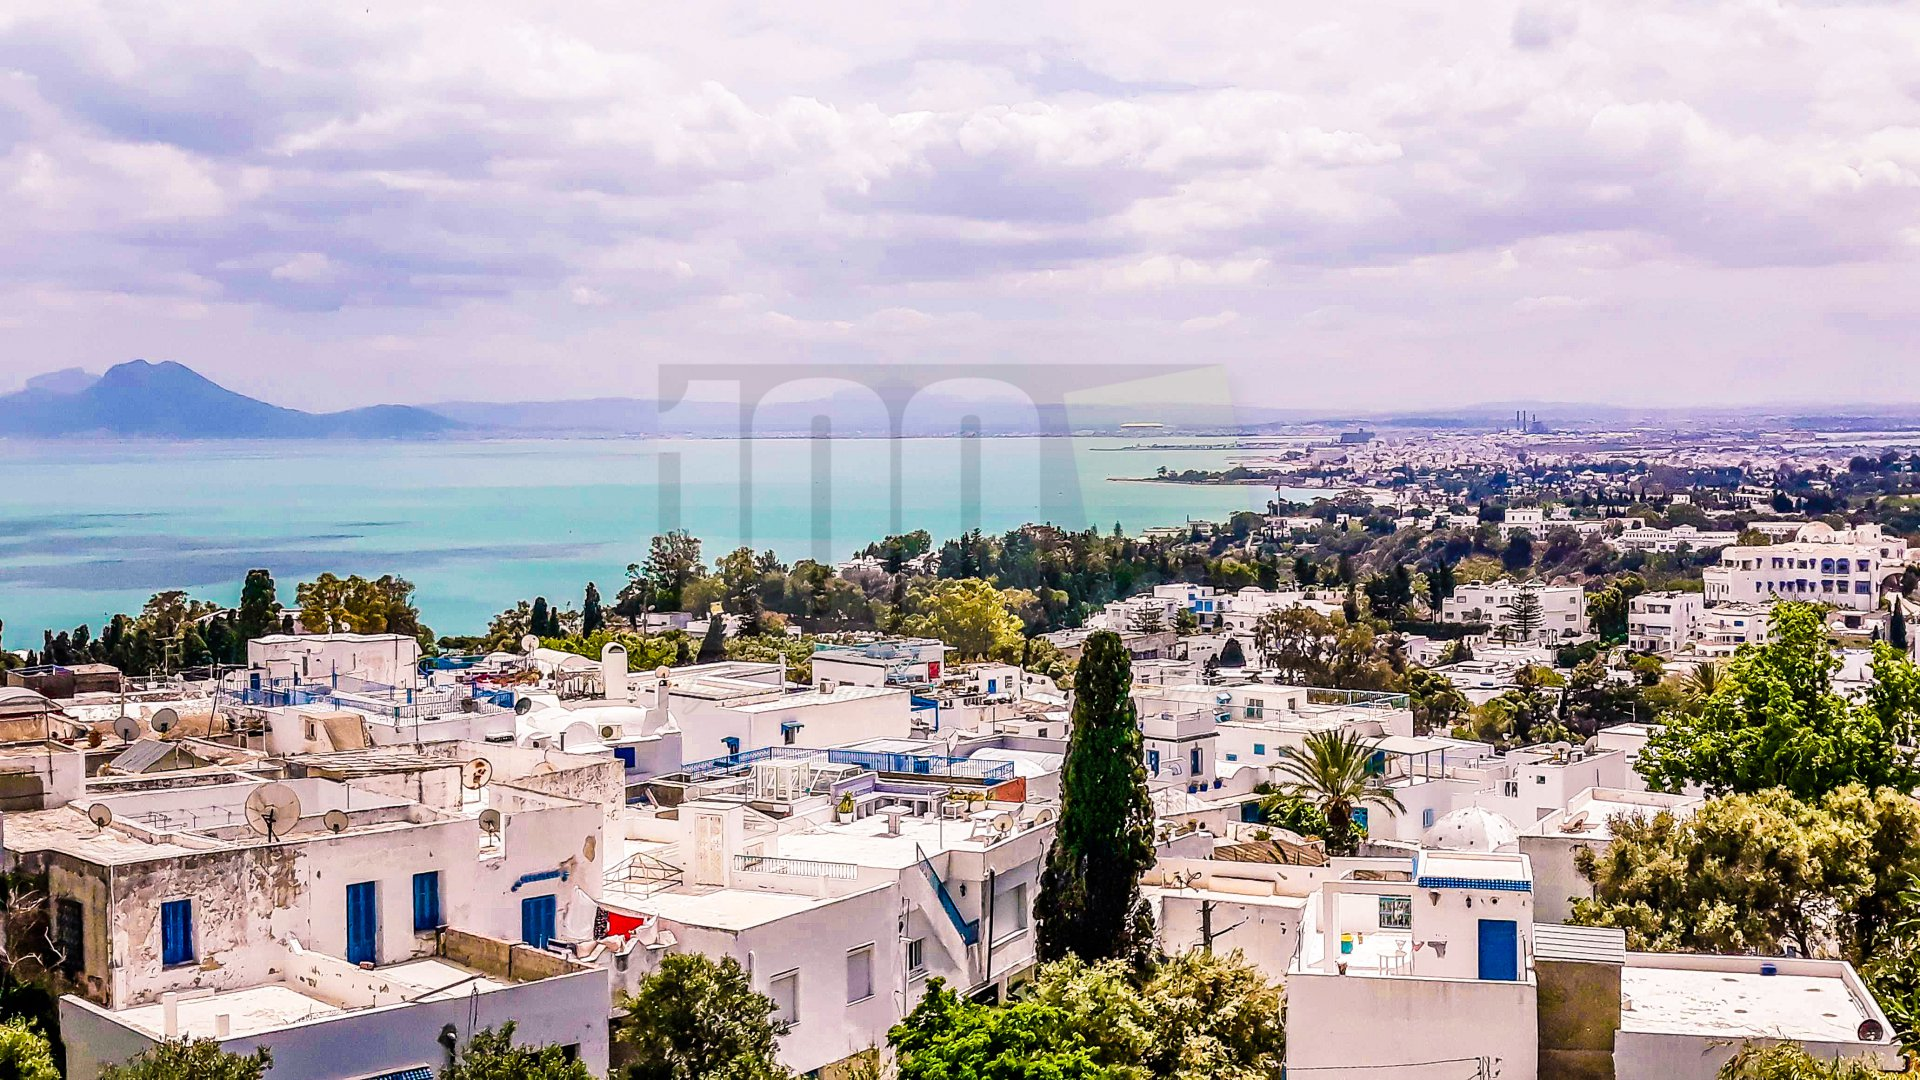 Vente terrain constructible de 3500 m² à Sidi Bou Said